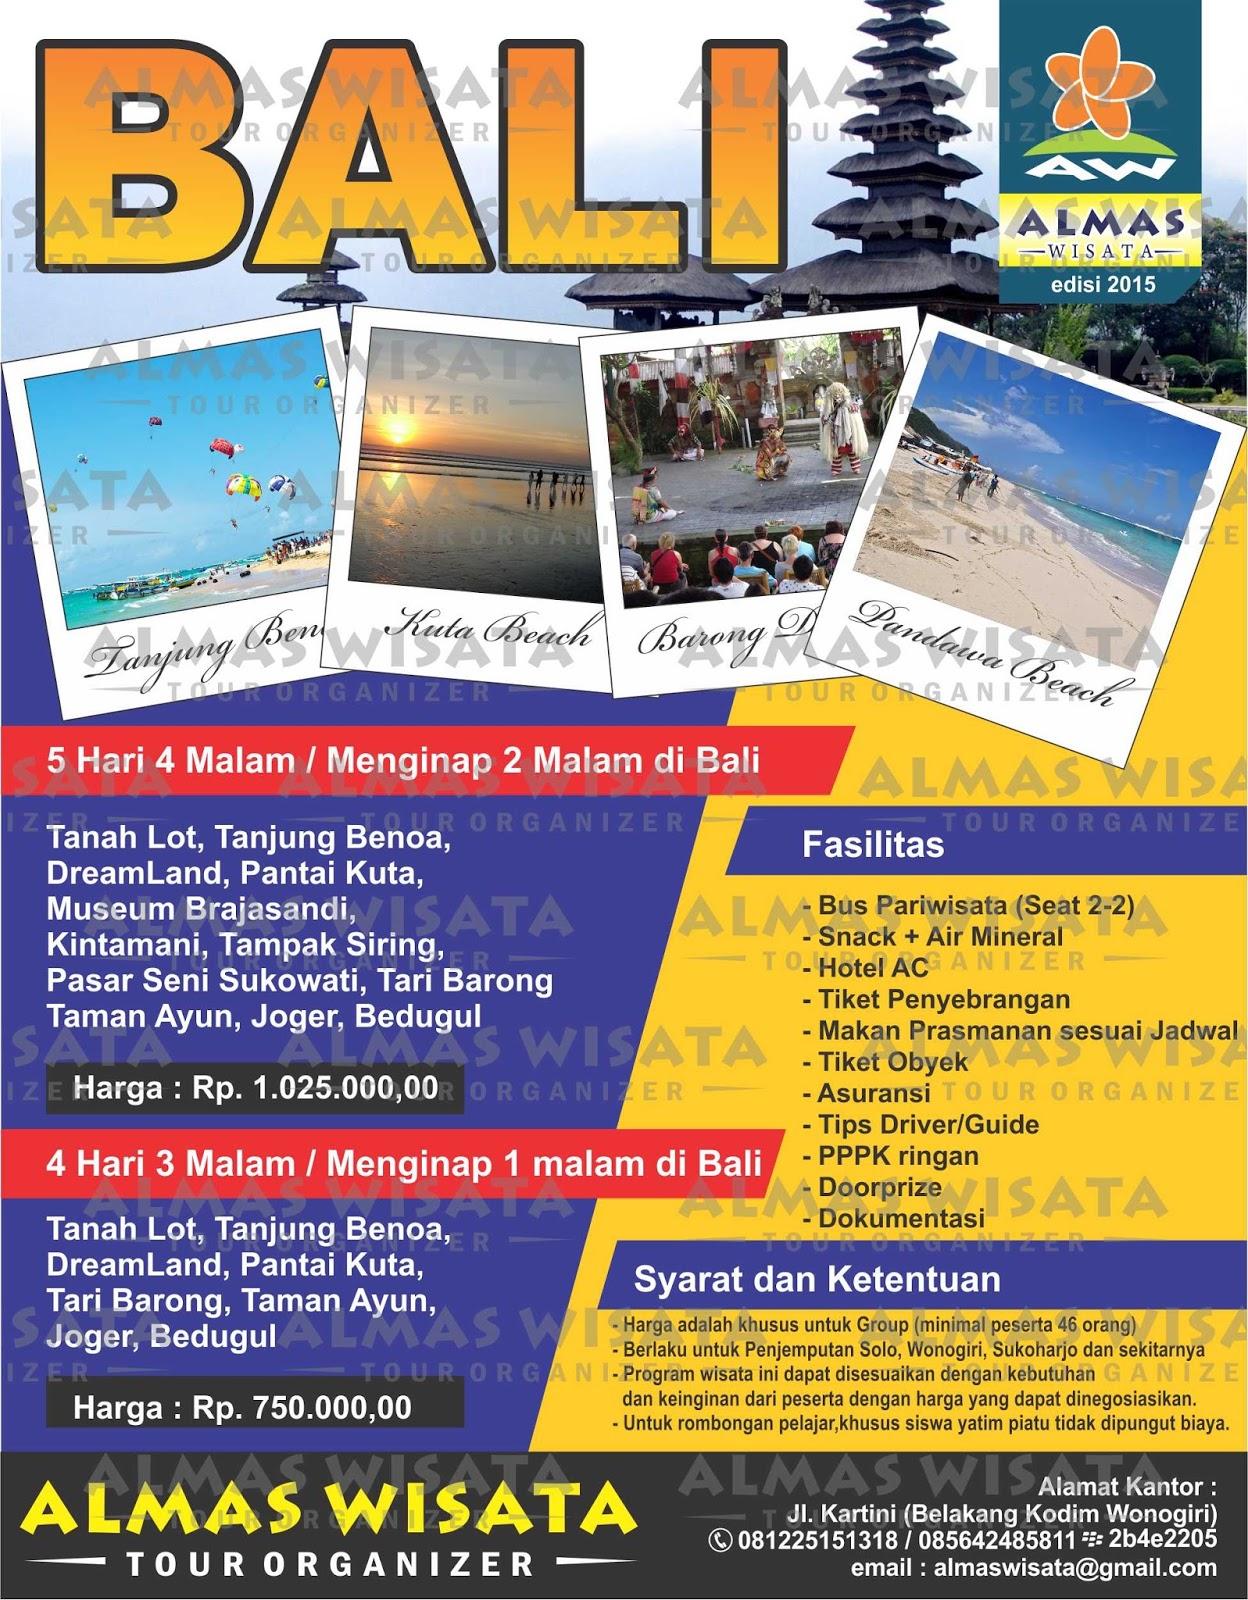 Paket Wisata 2015: Liburan ke BALI